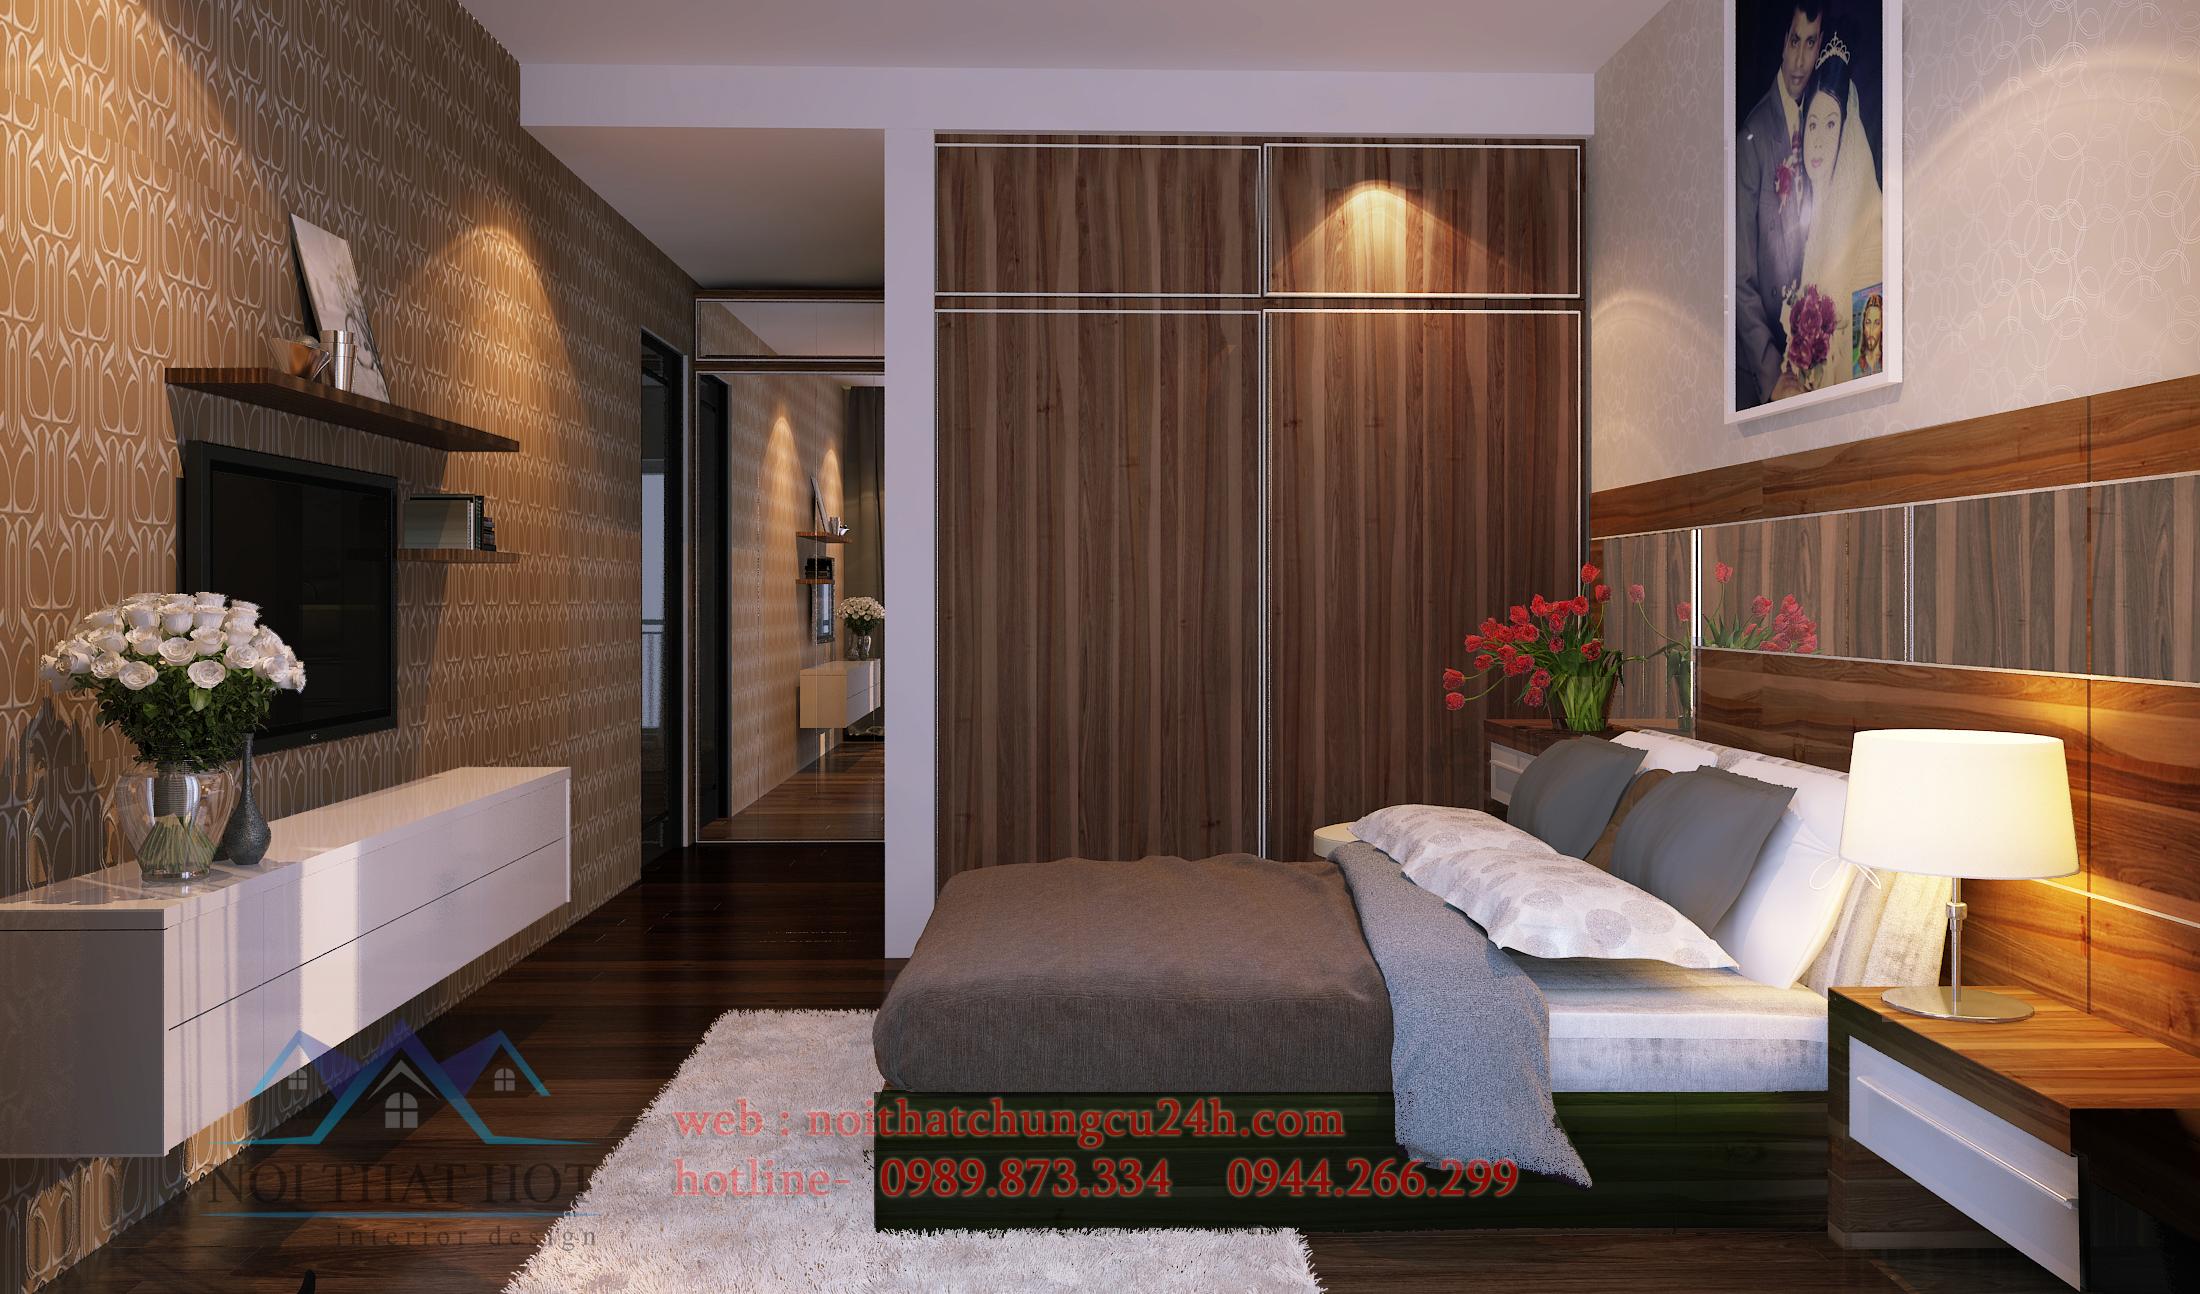 thiết kế nội thất căn hộ chung cư hoàn thiện